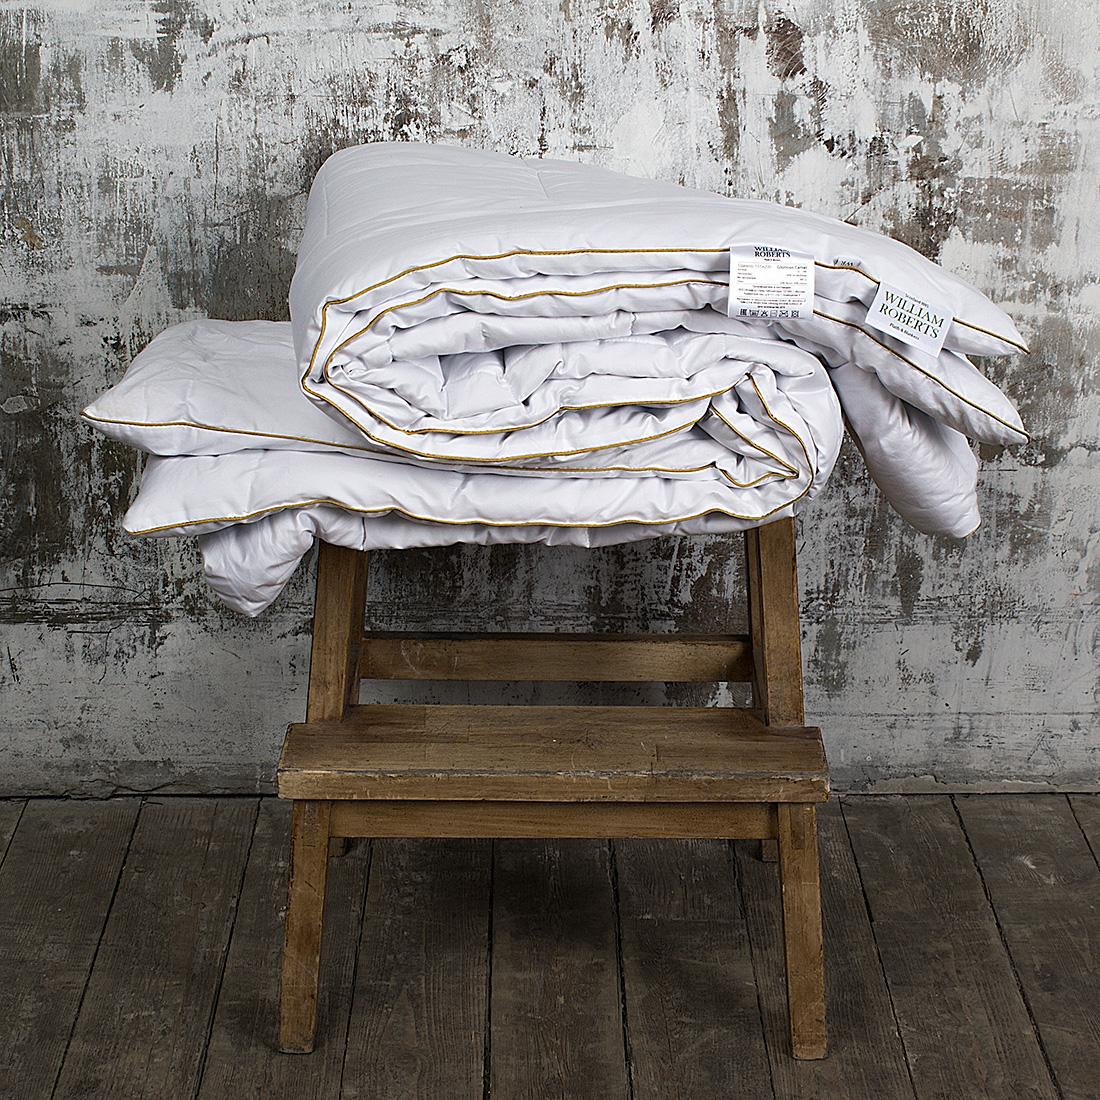 Одеяла William Roberts Одеяло Glorious Camel Всесезонное (200х220 см) одеяла william roberts одеяло essential bamboo всесезонное 155х200 см